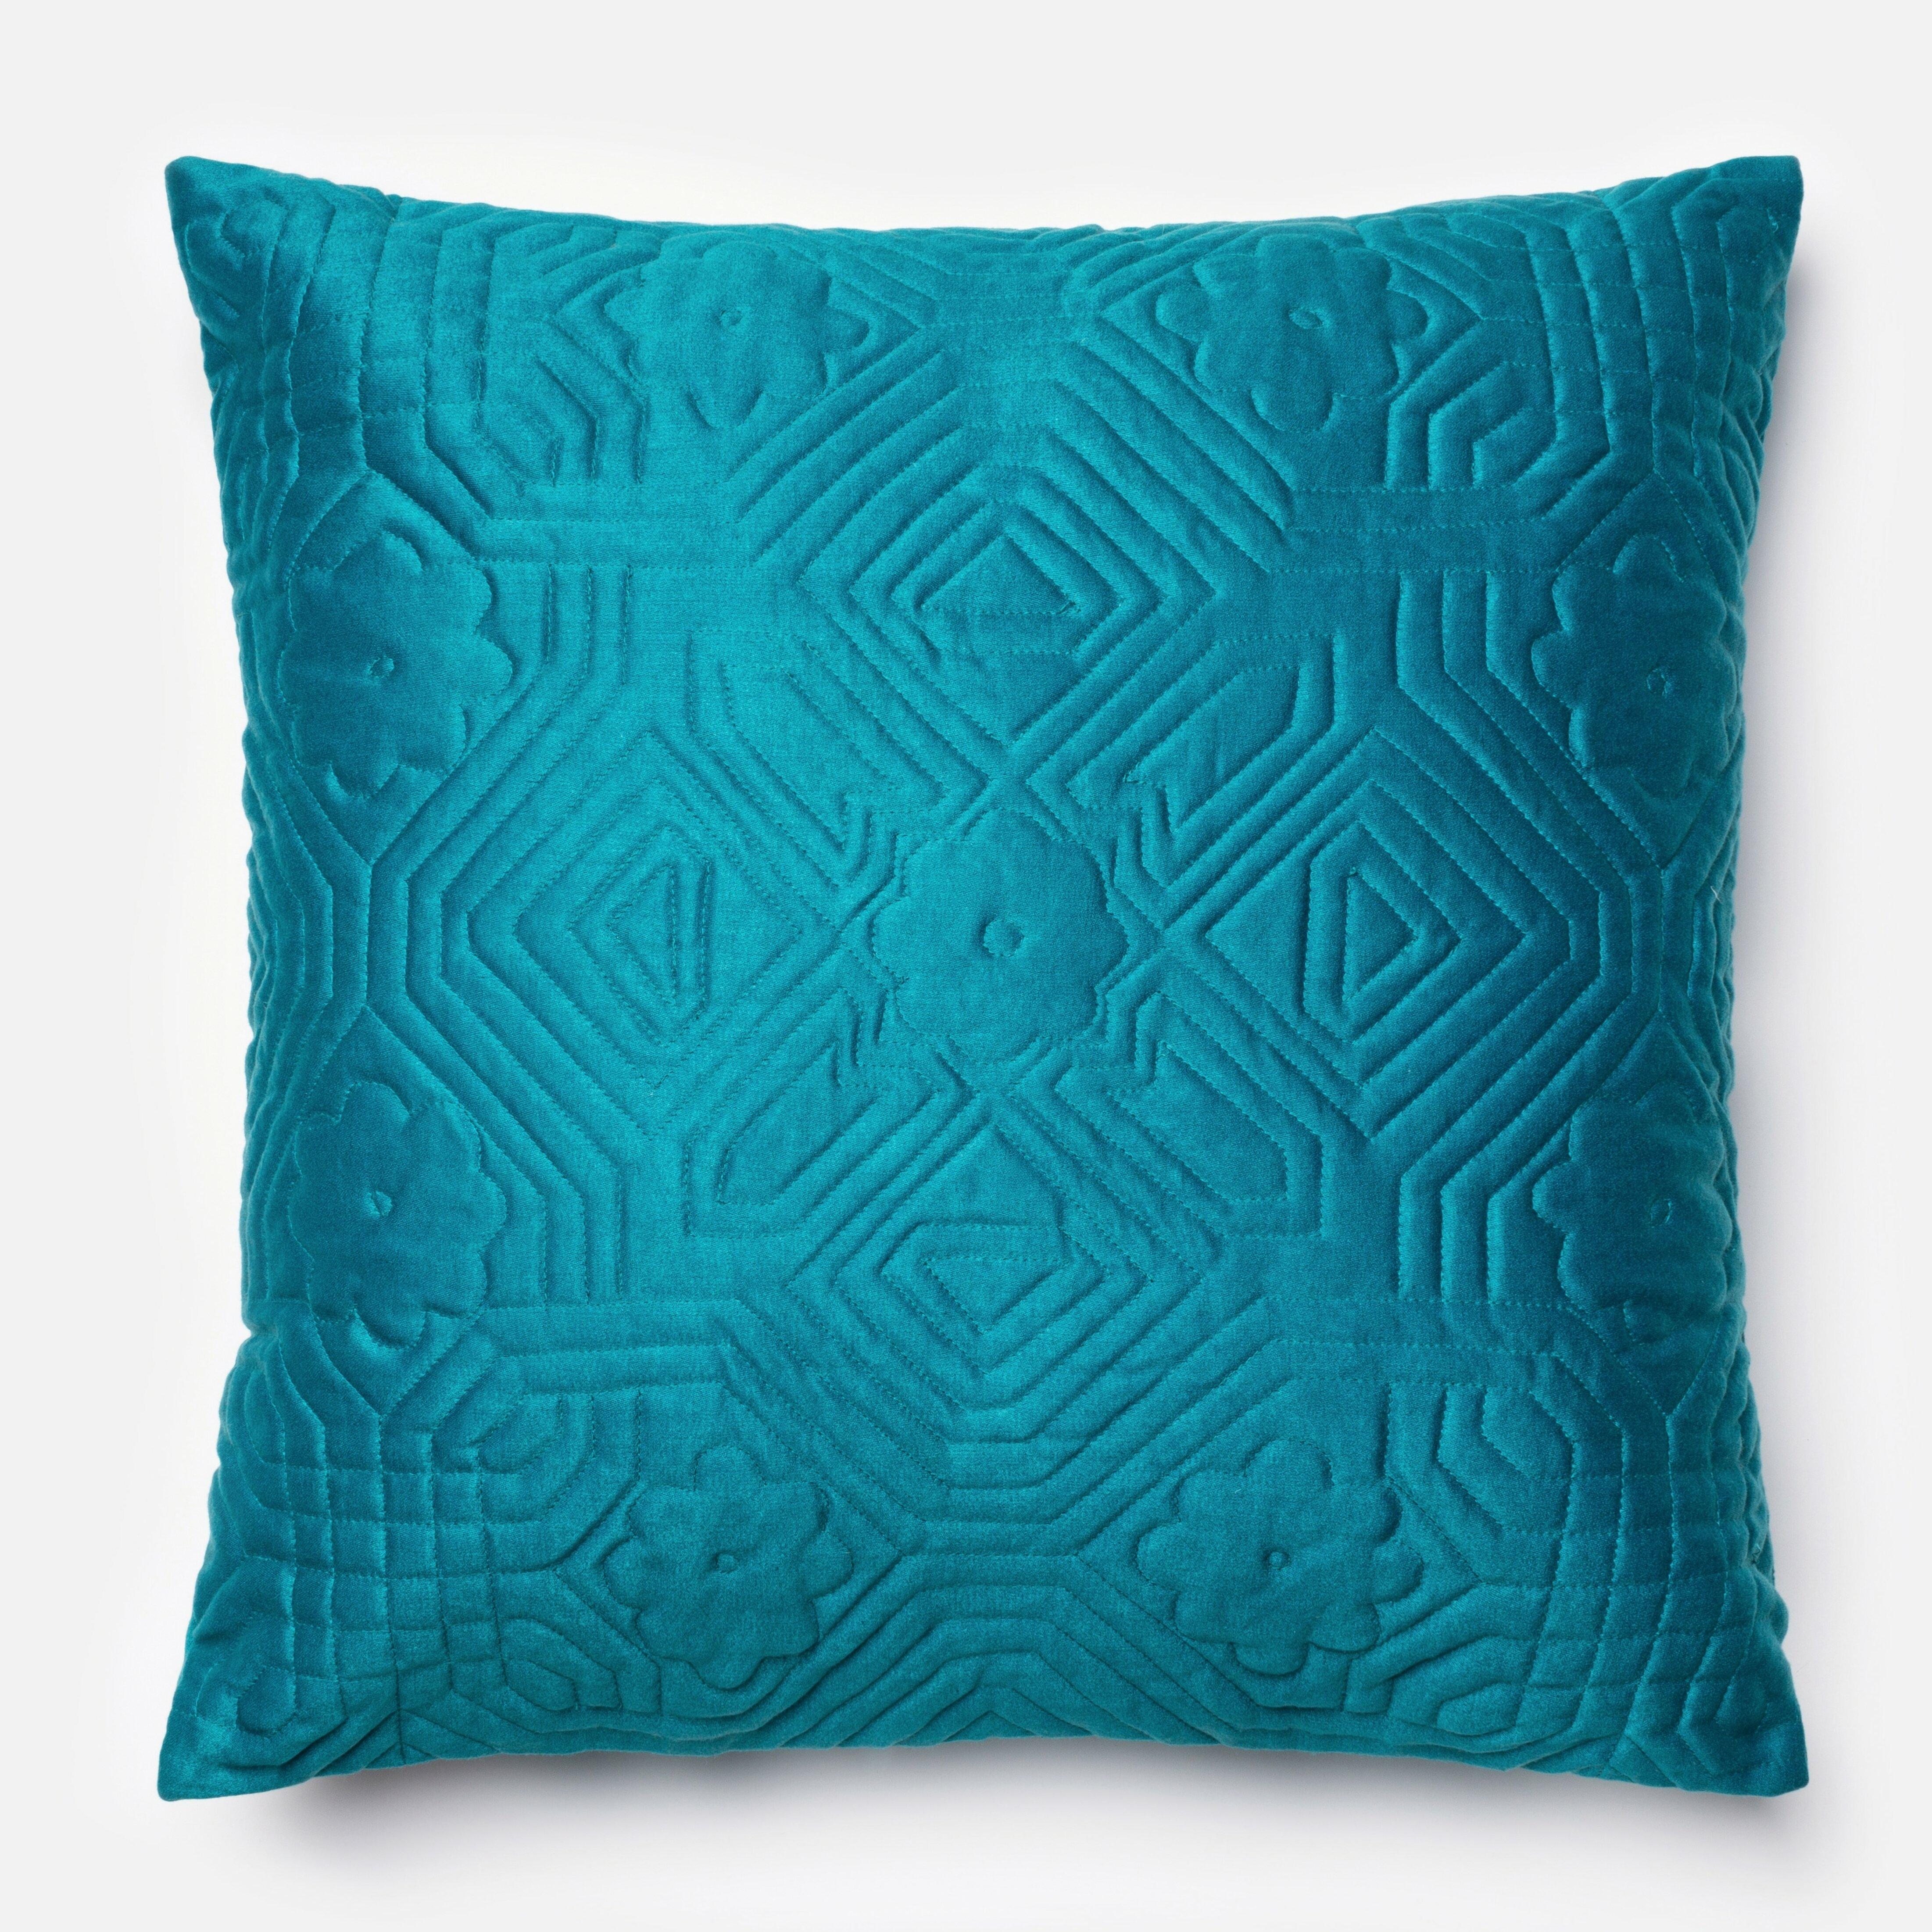 Loloi Rugs Throw Pillow Reviews Wayfair